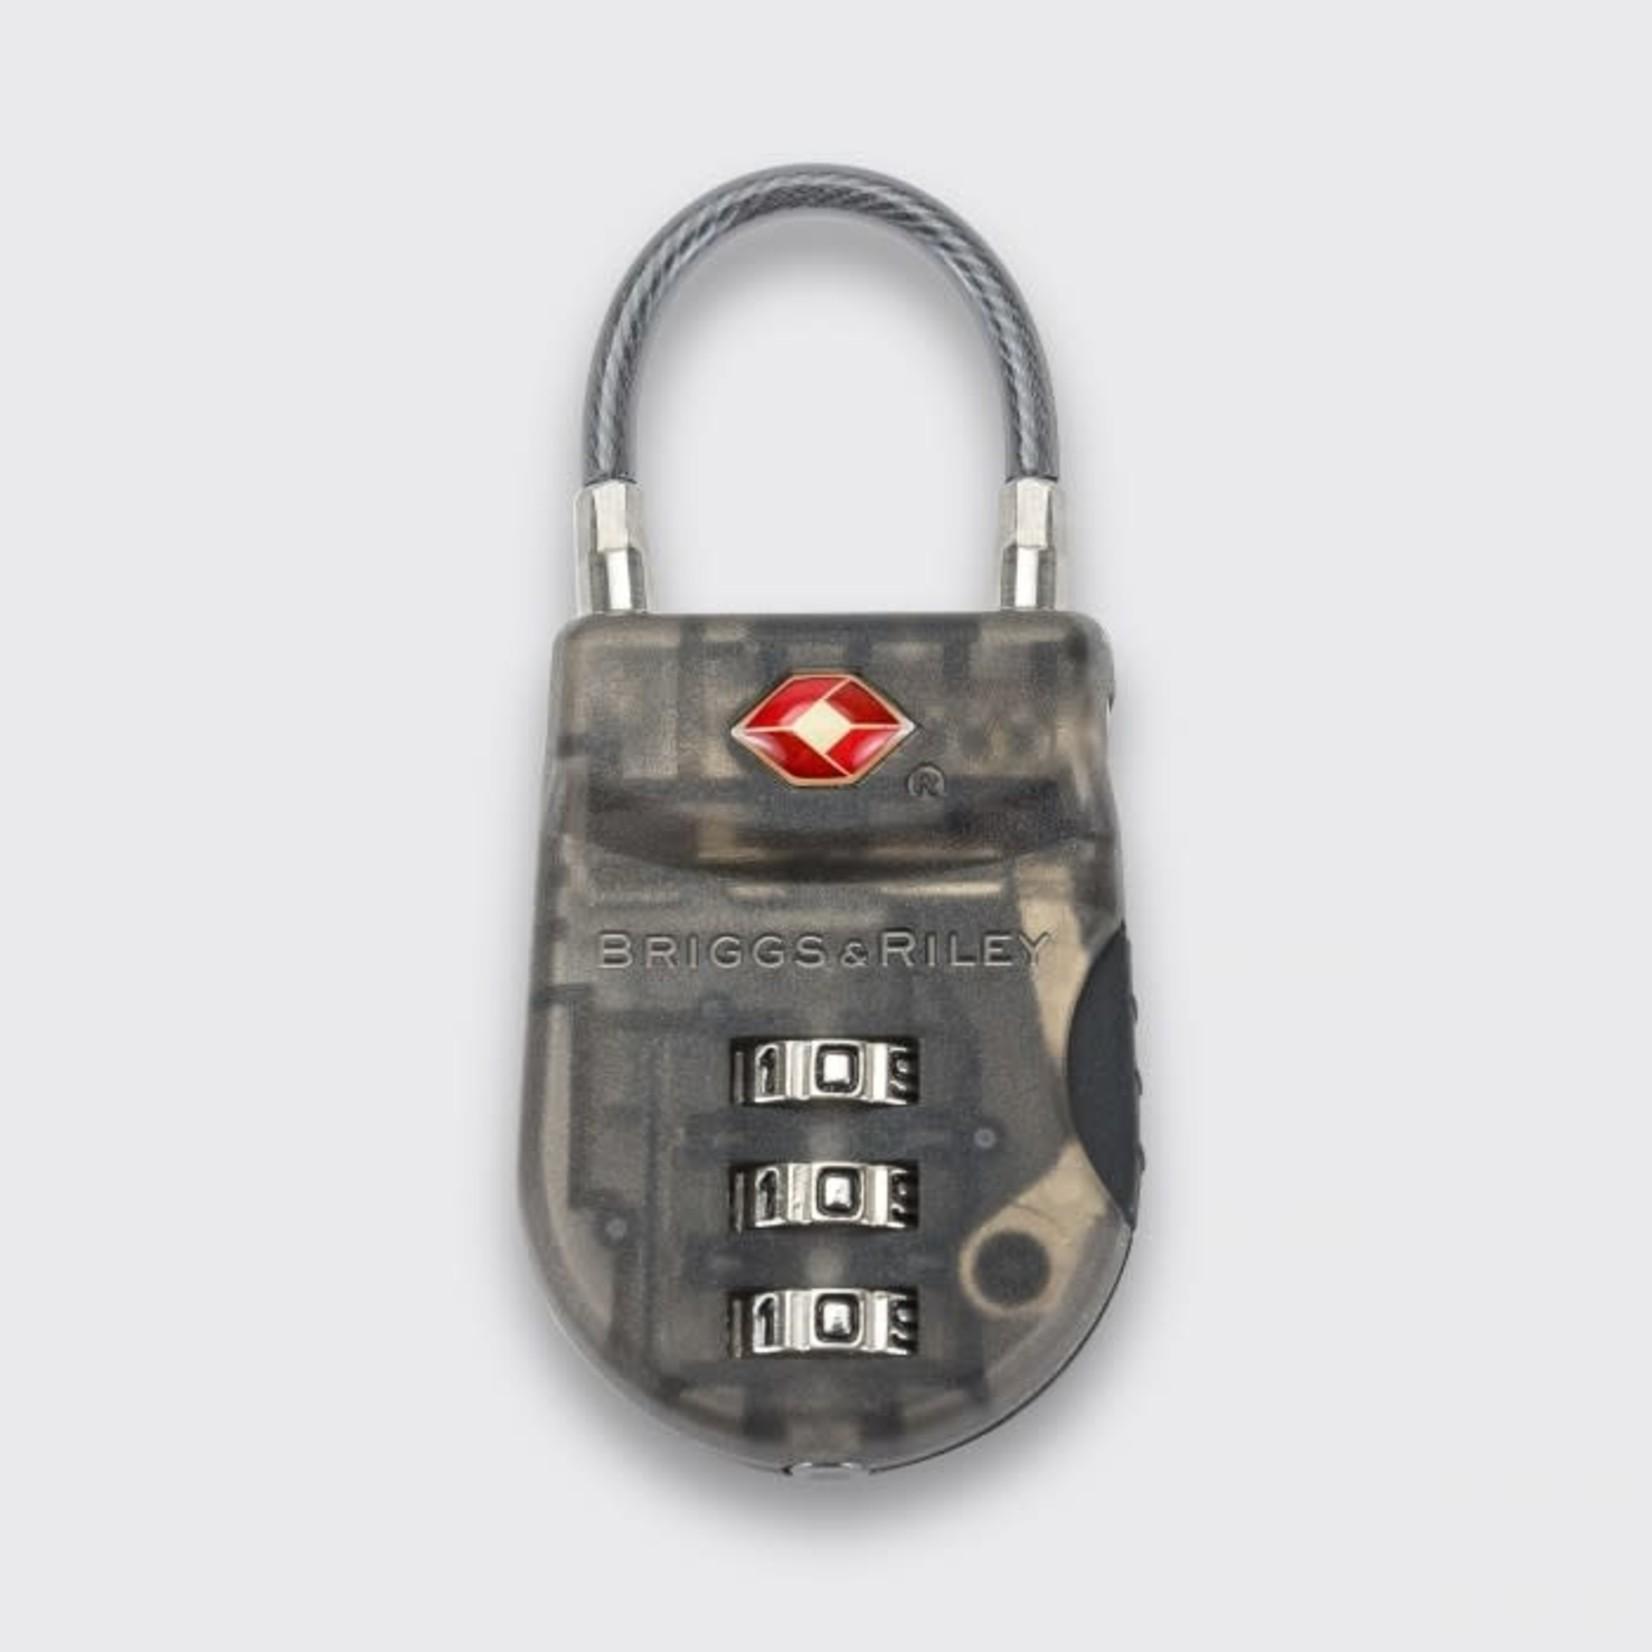 BRIGGS & RILEY TSA CABLE LOCK (PLASTIC)